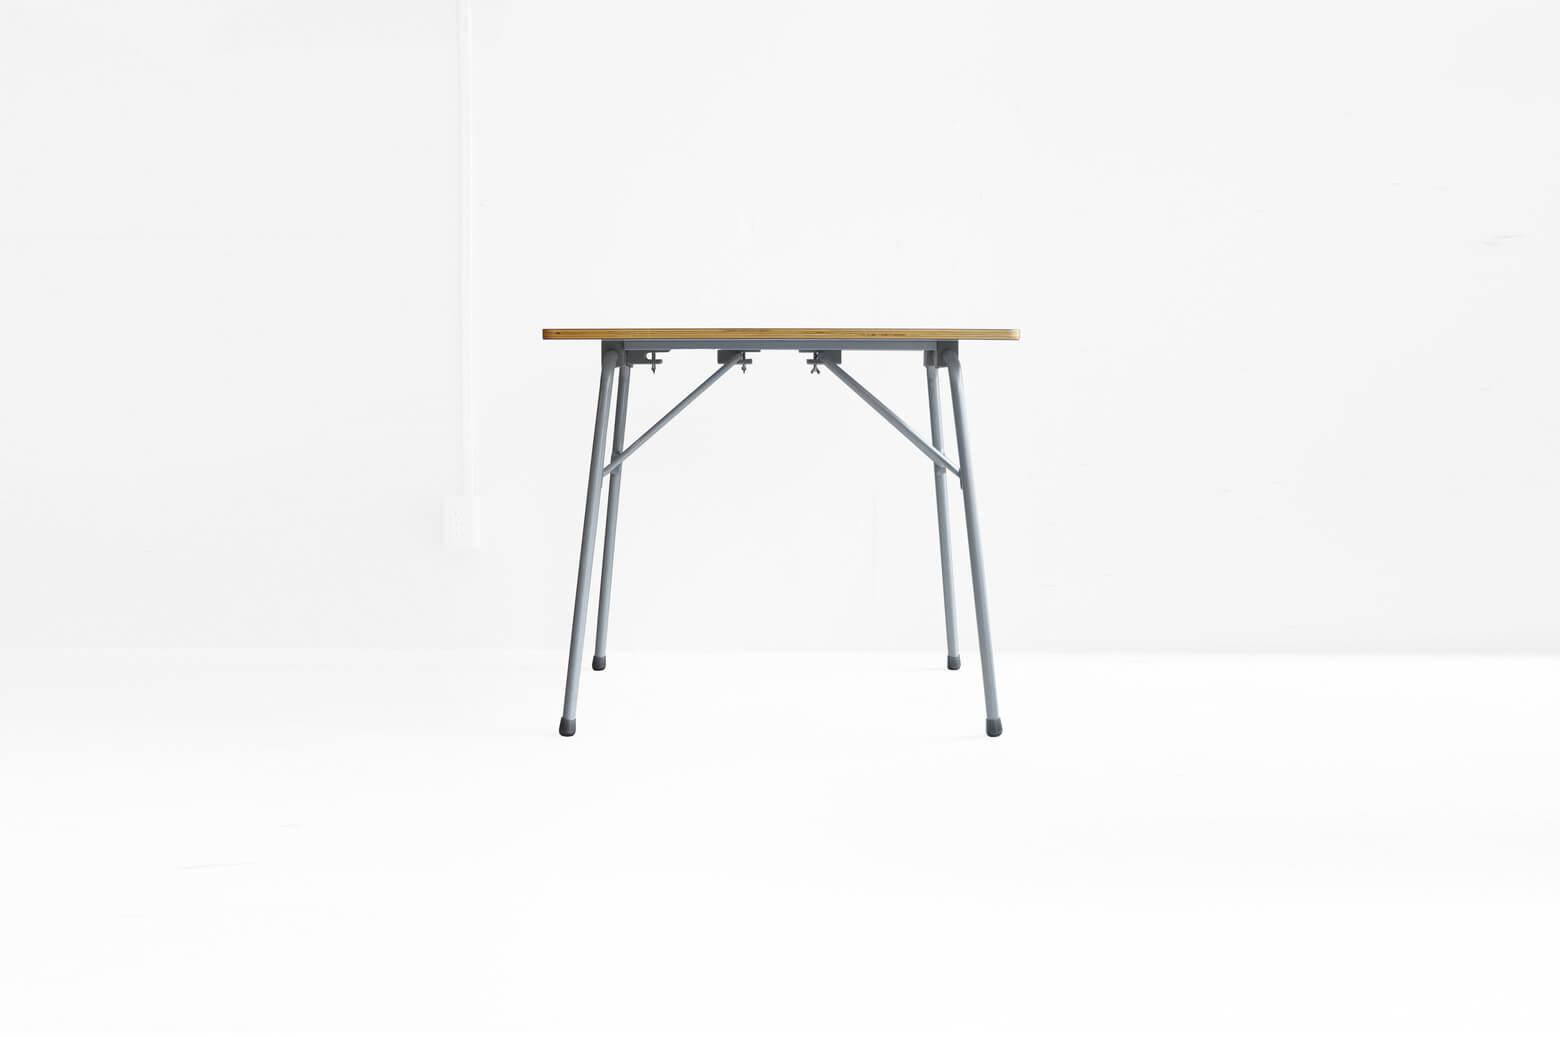 MUJI Folding table / 無印良品 折りたたみテーブル 廃盤